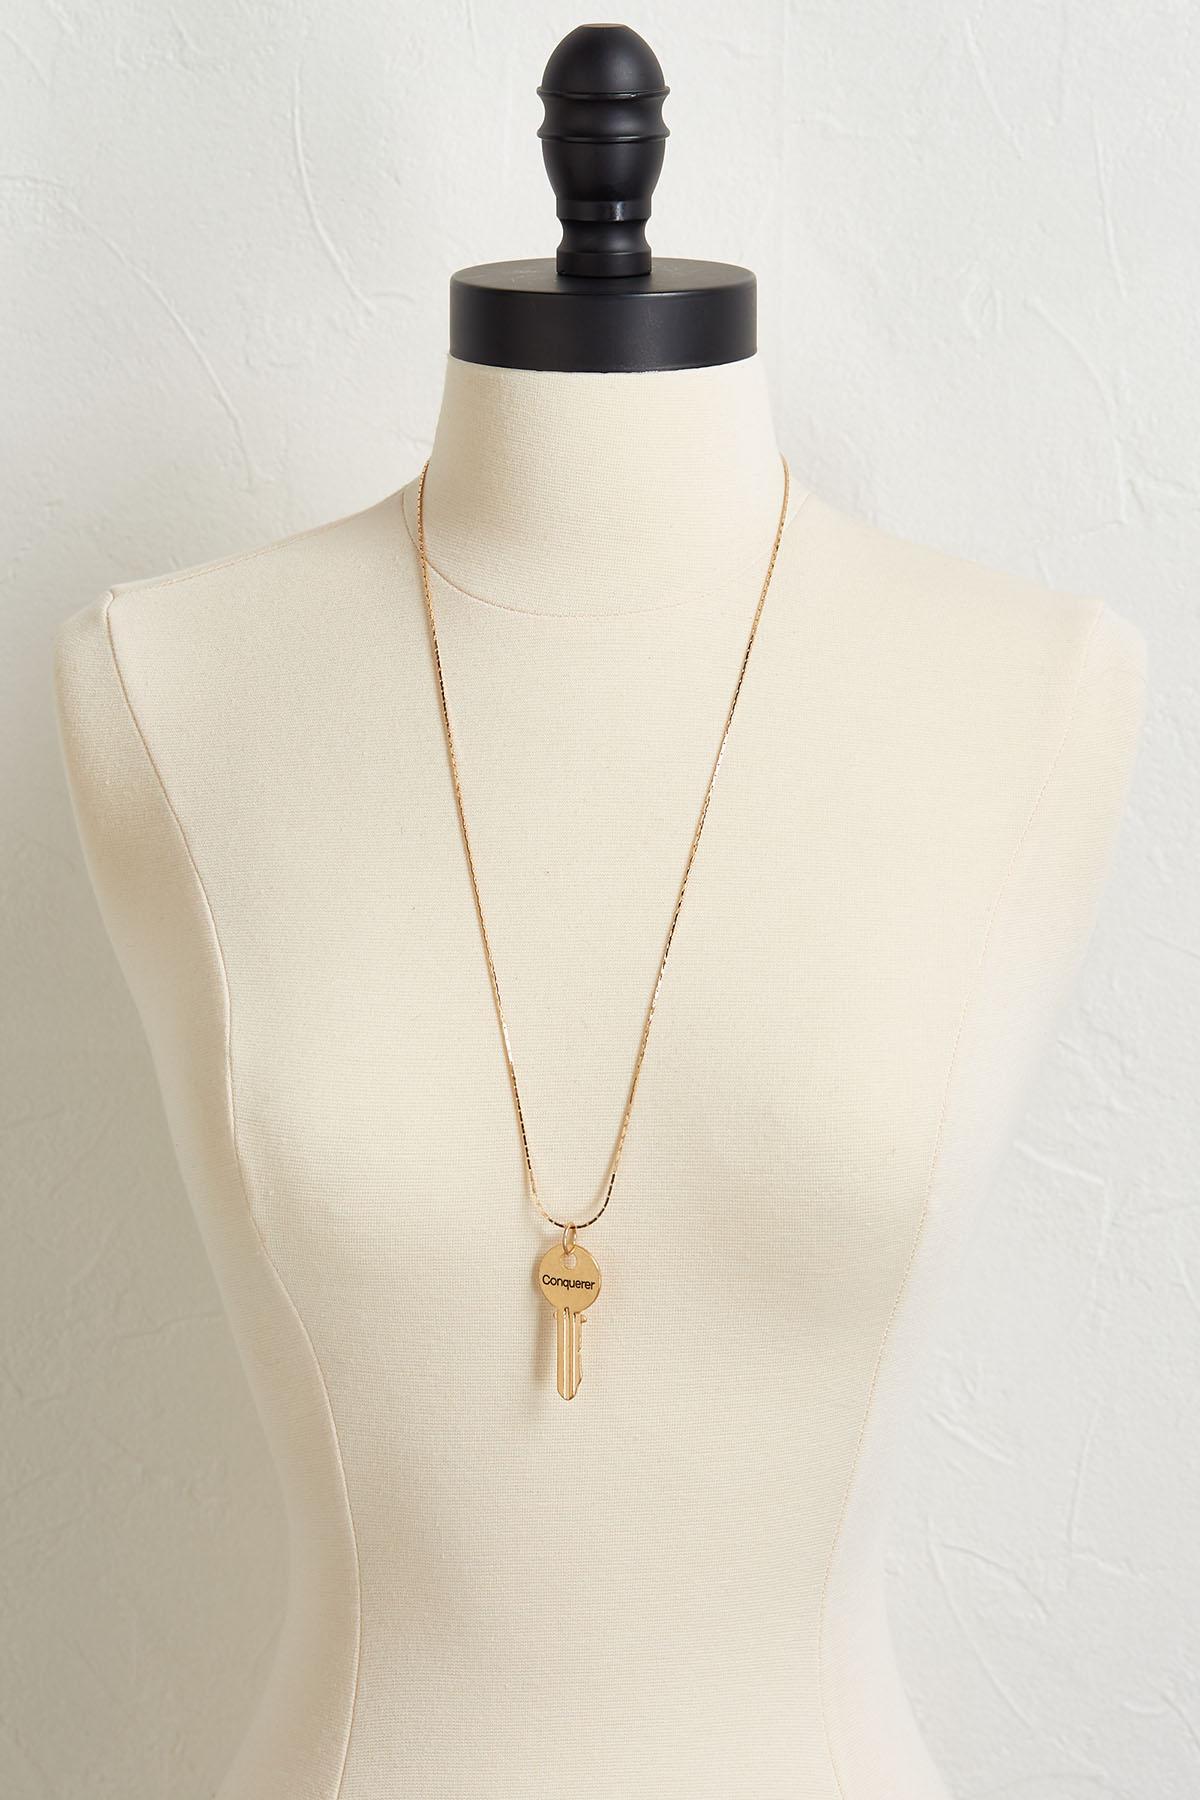 Conqueror Key Pendant Necklace